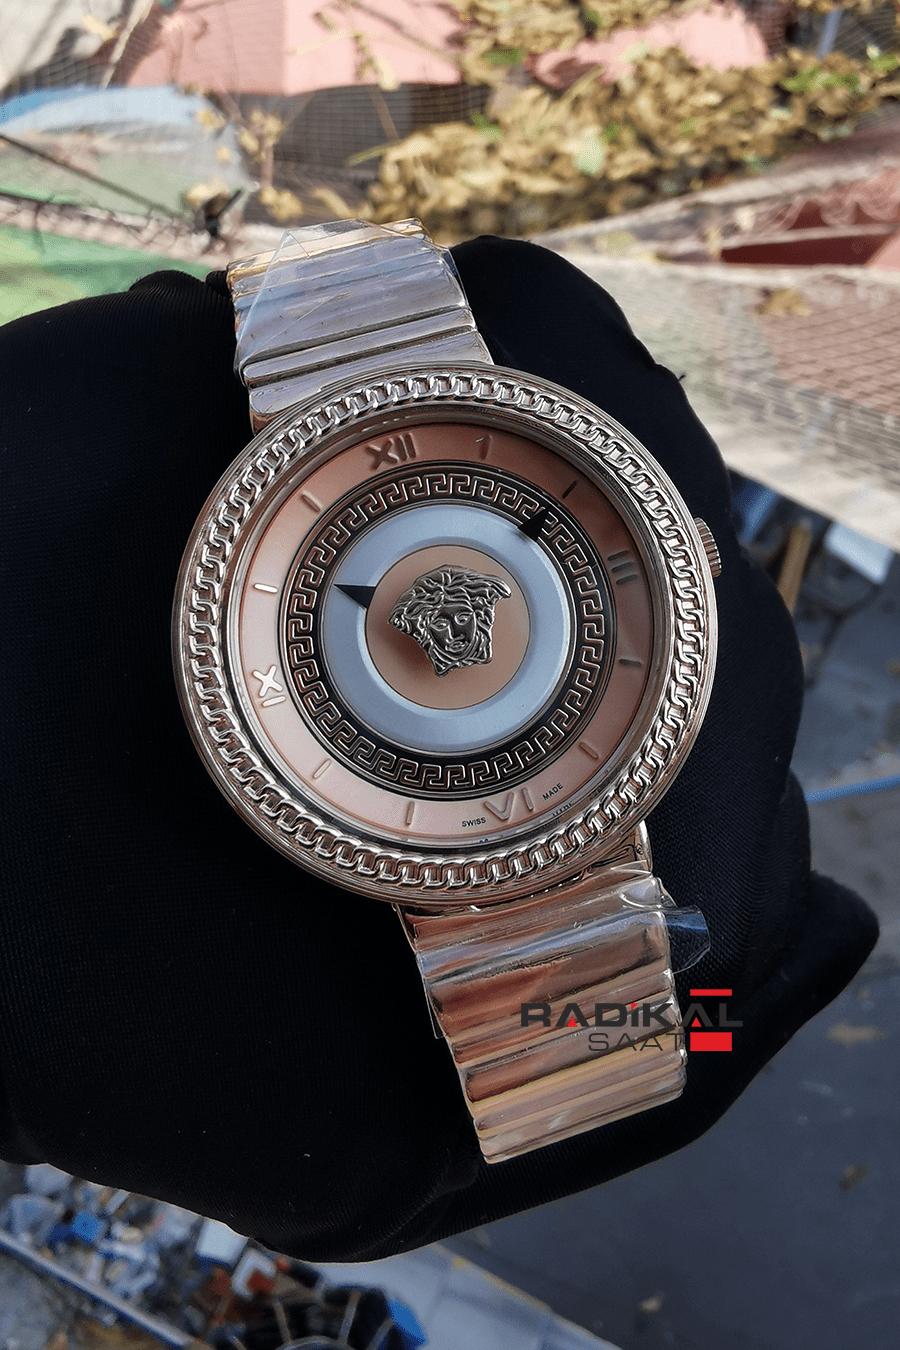 Rolex Datejust Rolex Saat Replika Saat Replika Rolex Saat Replika